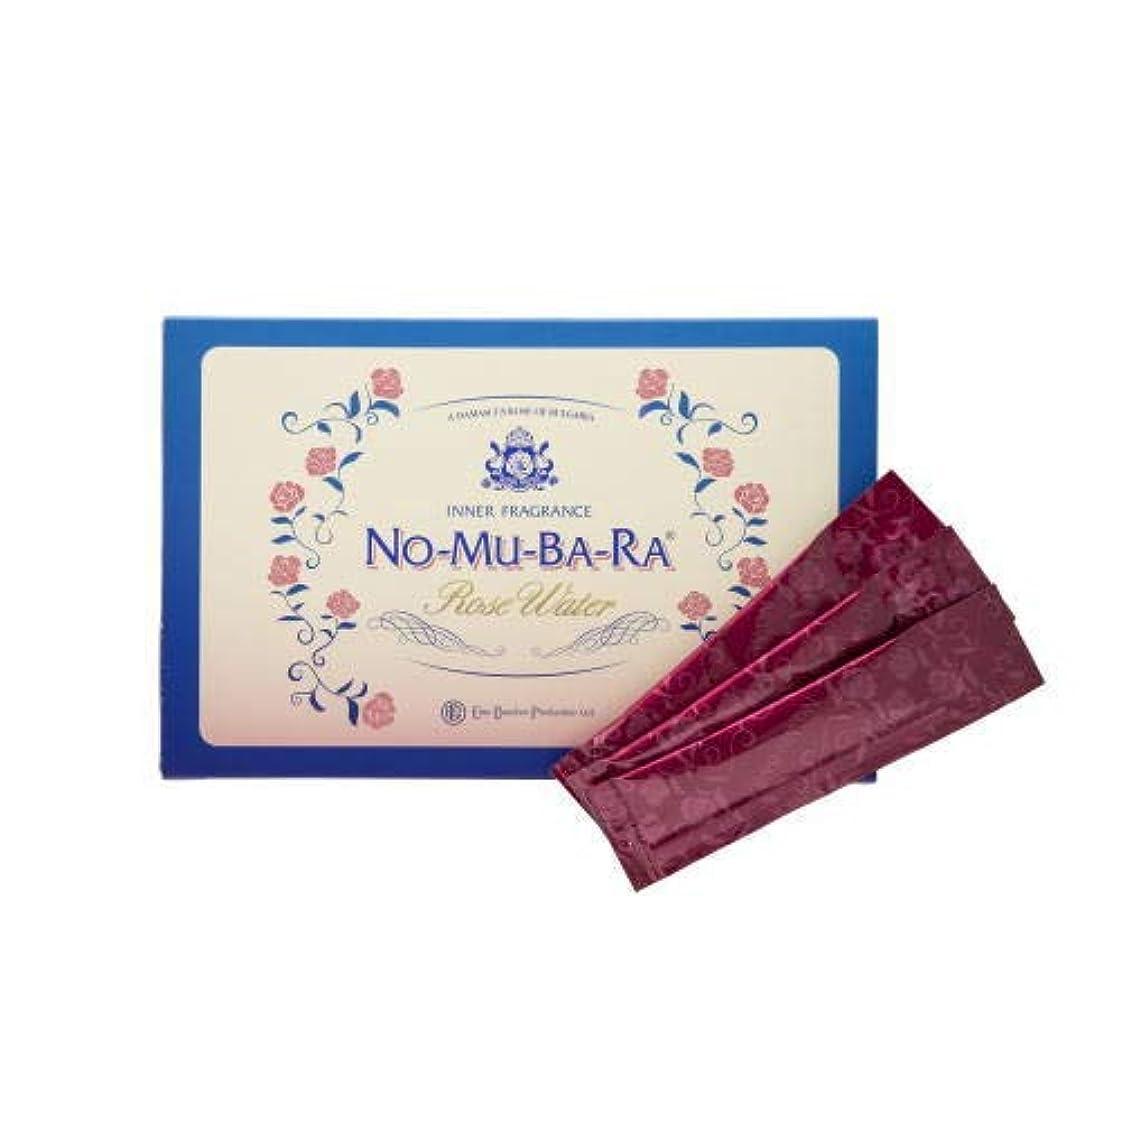 のど合唱団ブロックNO-MU-BA-RA NO-MU-BA-RA(ノムバラ)(35包入)×2箱【モンドセレクション受賞】